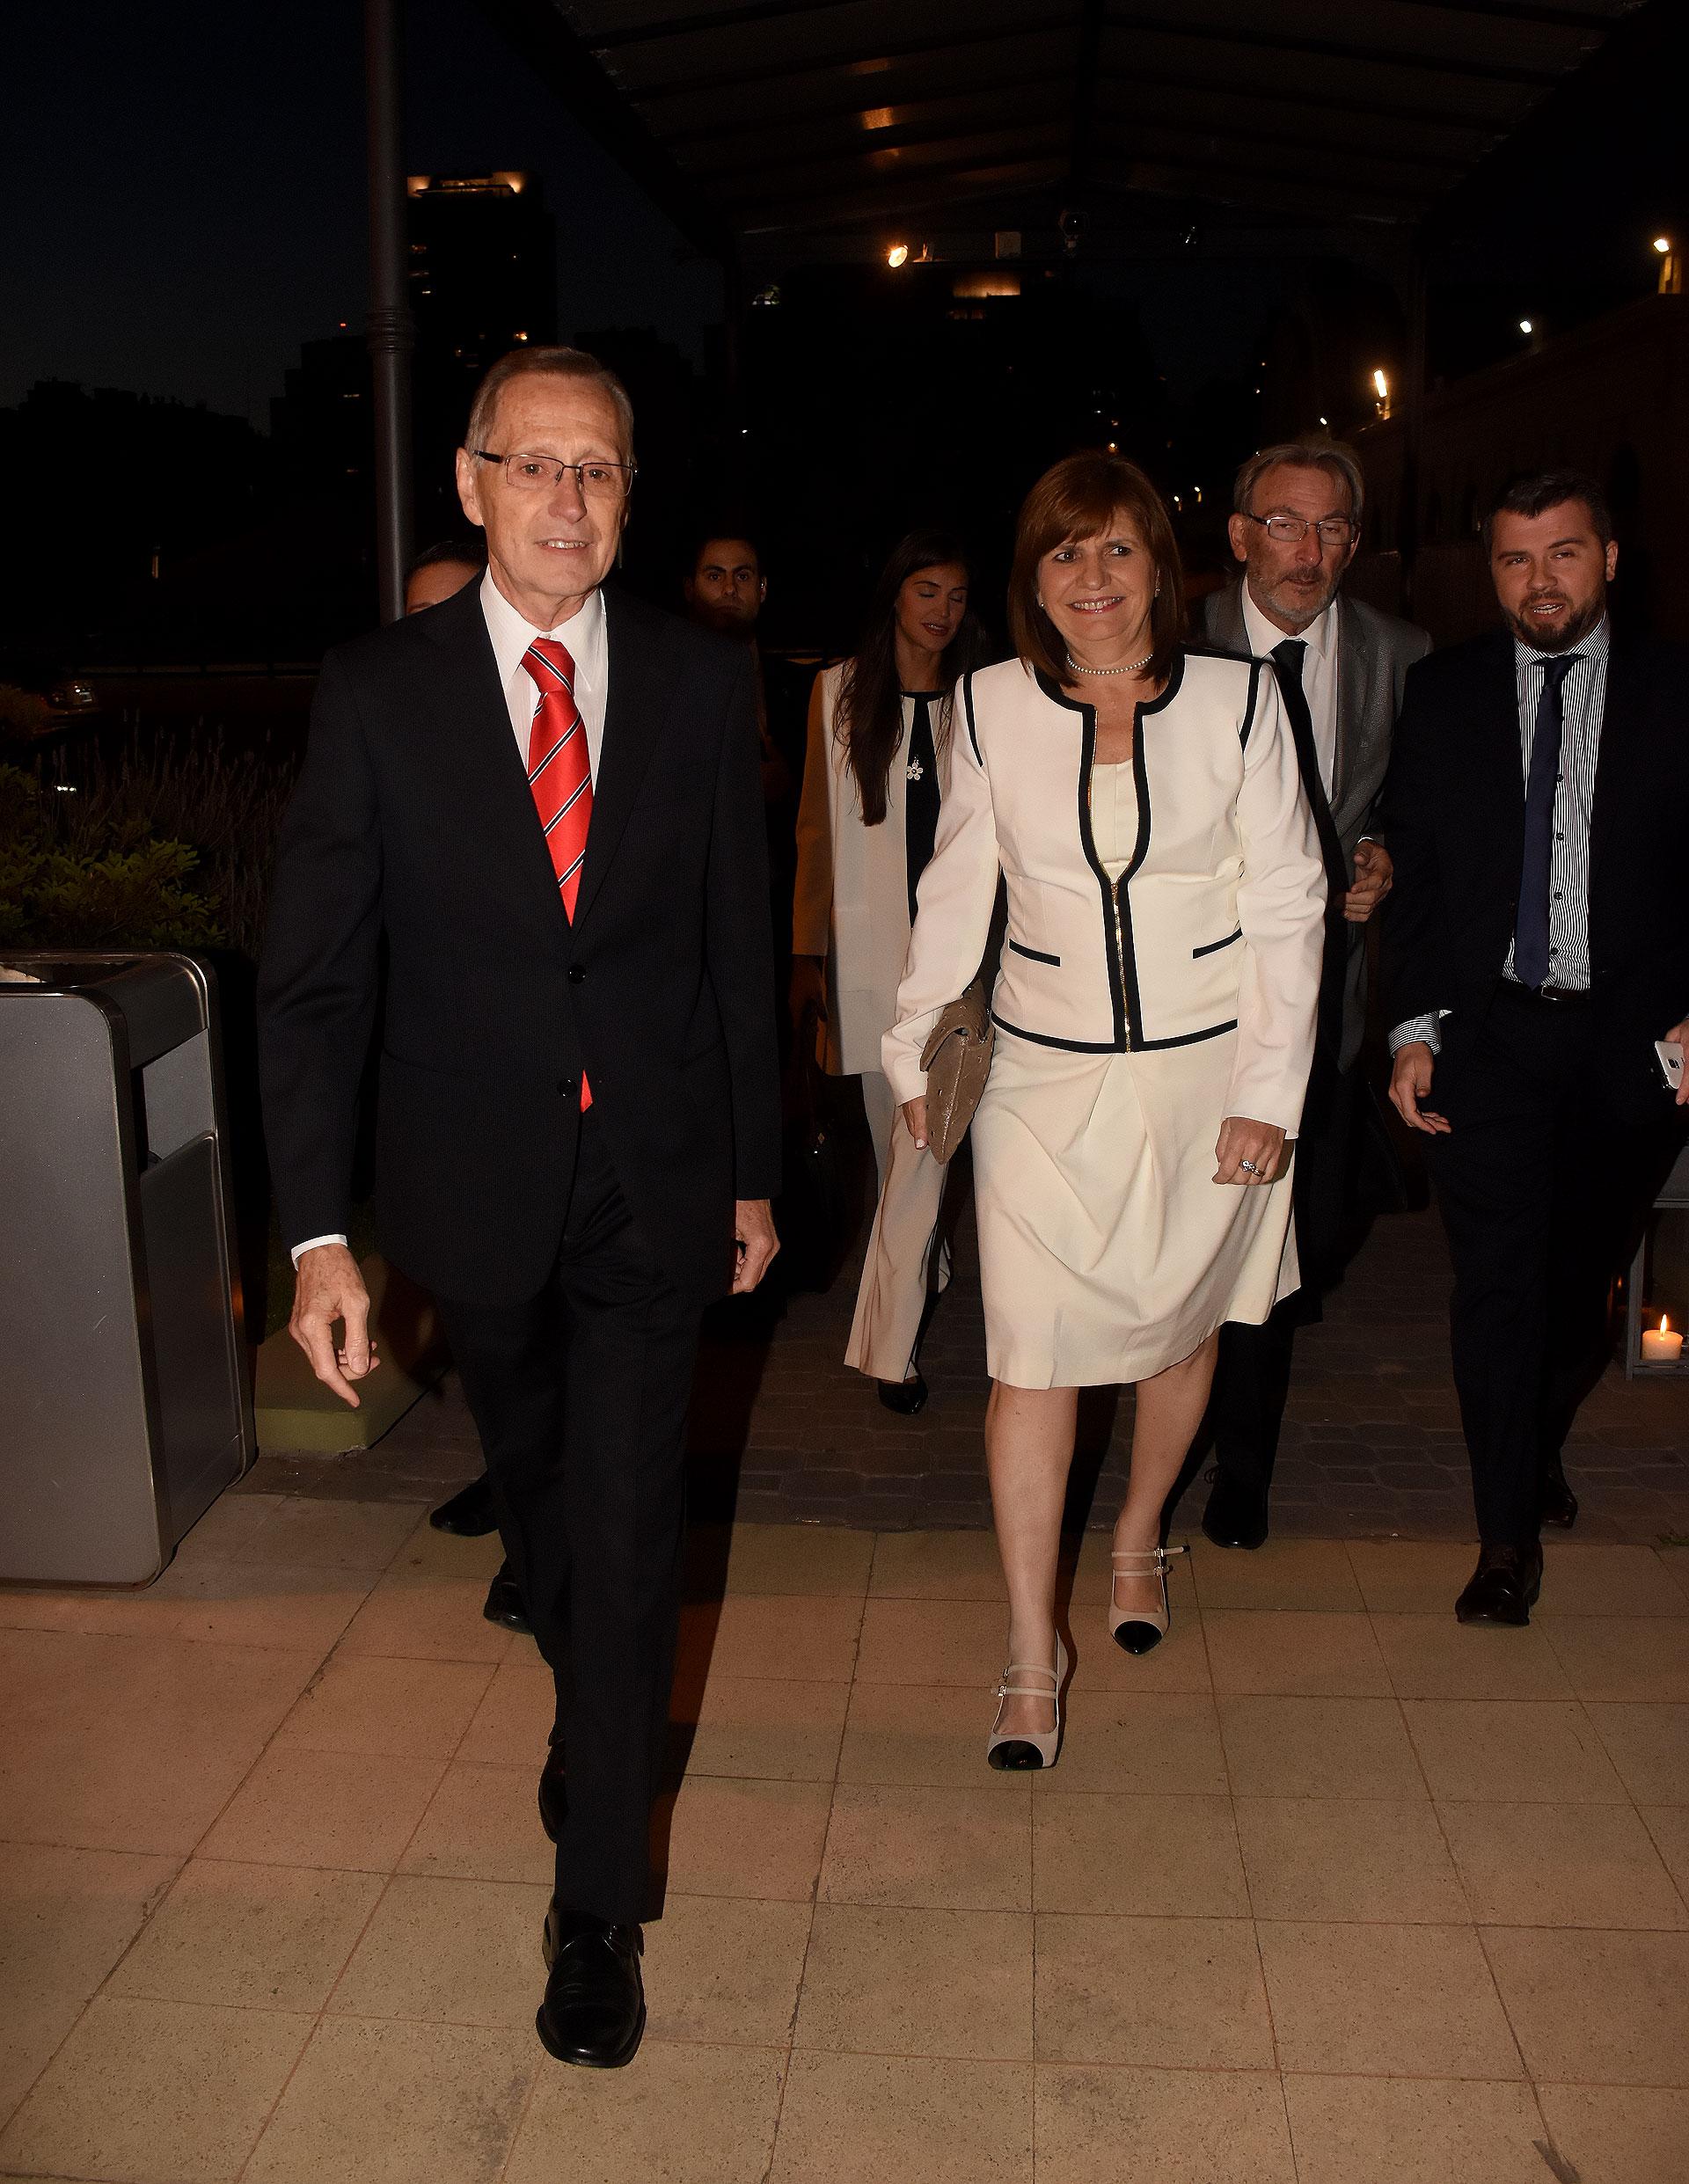 Adalberto Rodríguez Giavarini recibe a la ministra de Seguridad, Patricia Bullrich, quien llegó acompañada por su marido Guillermo Yanco